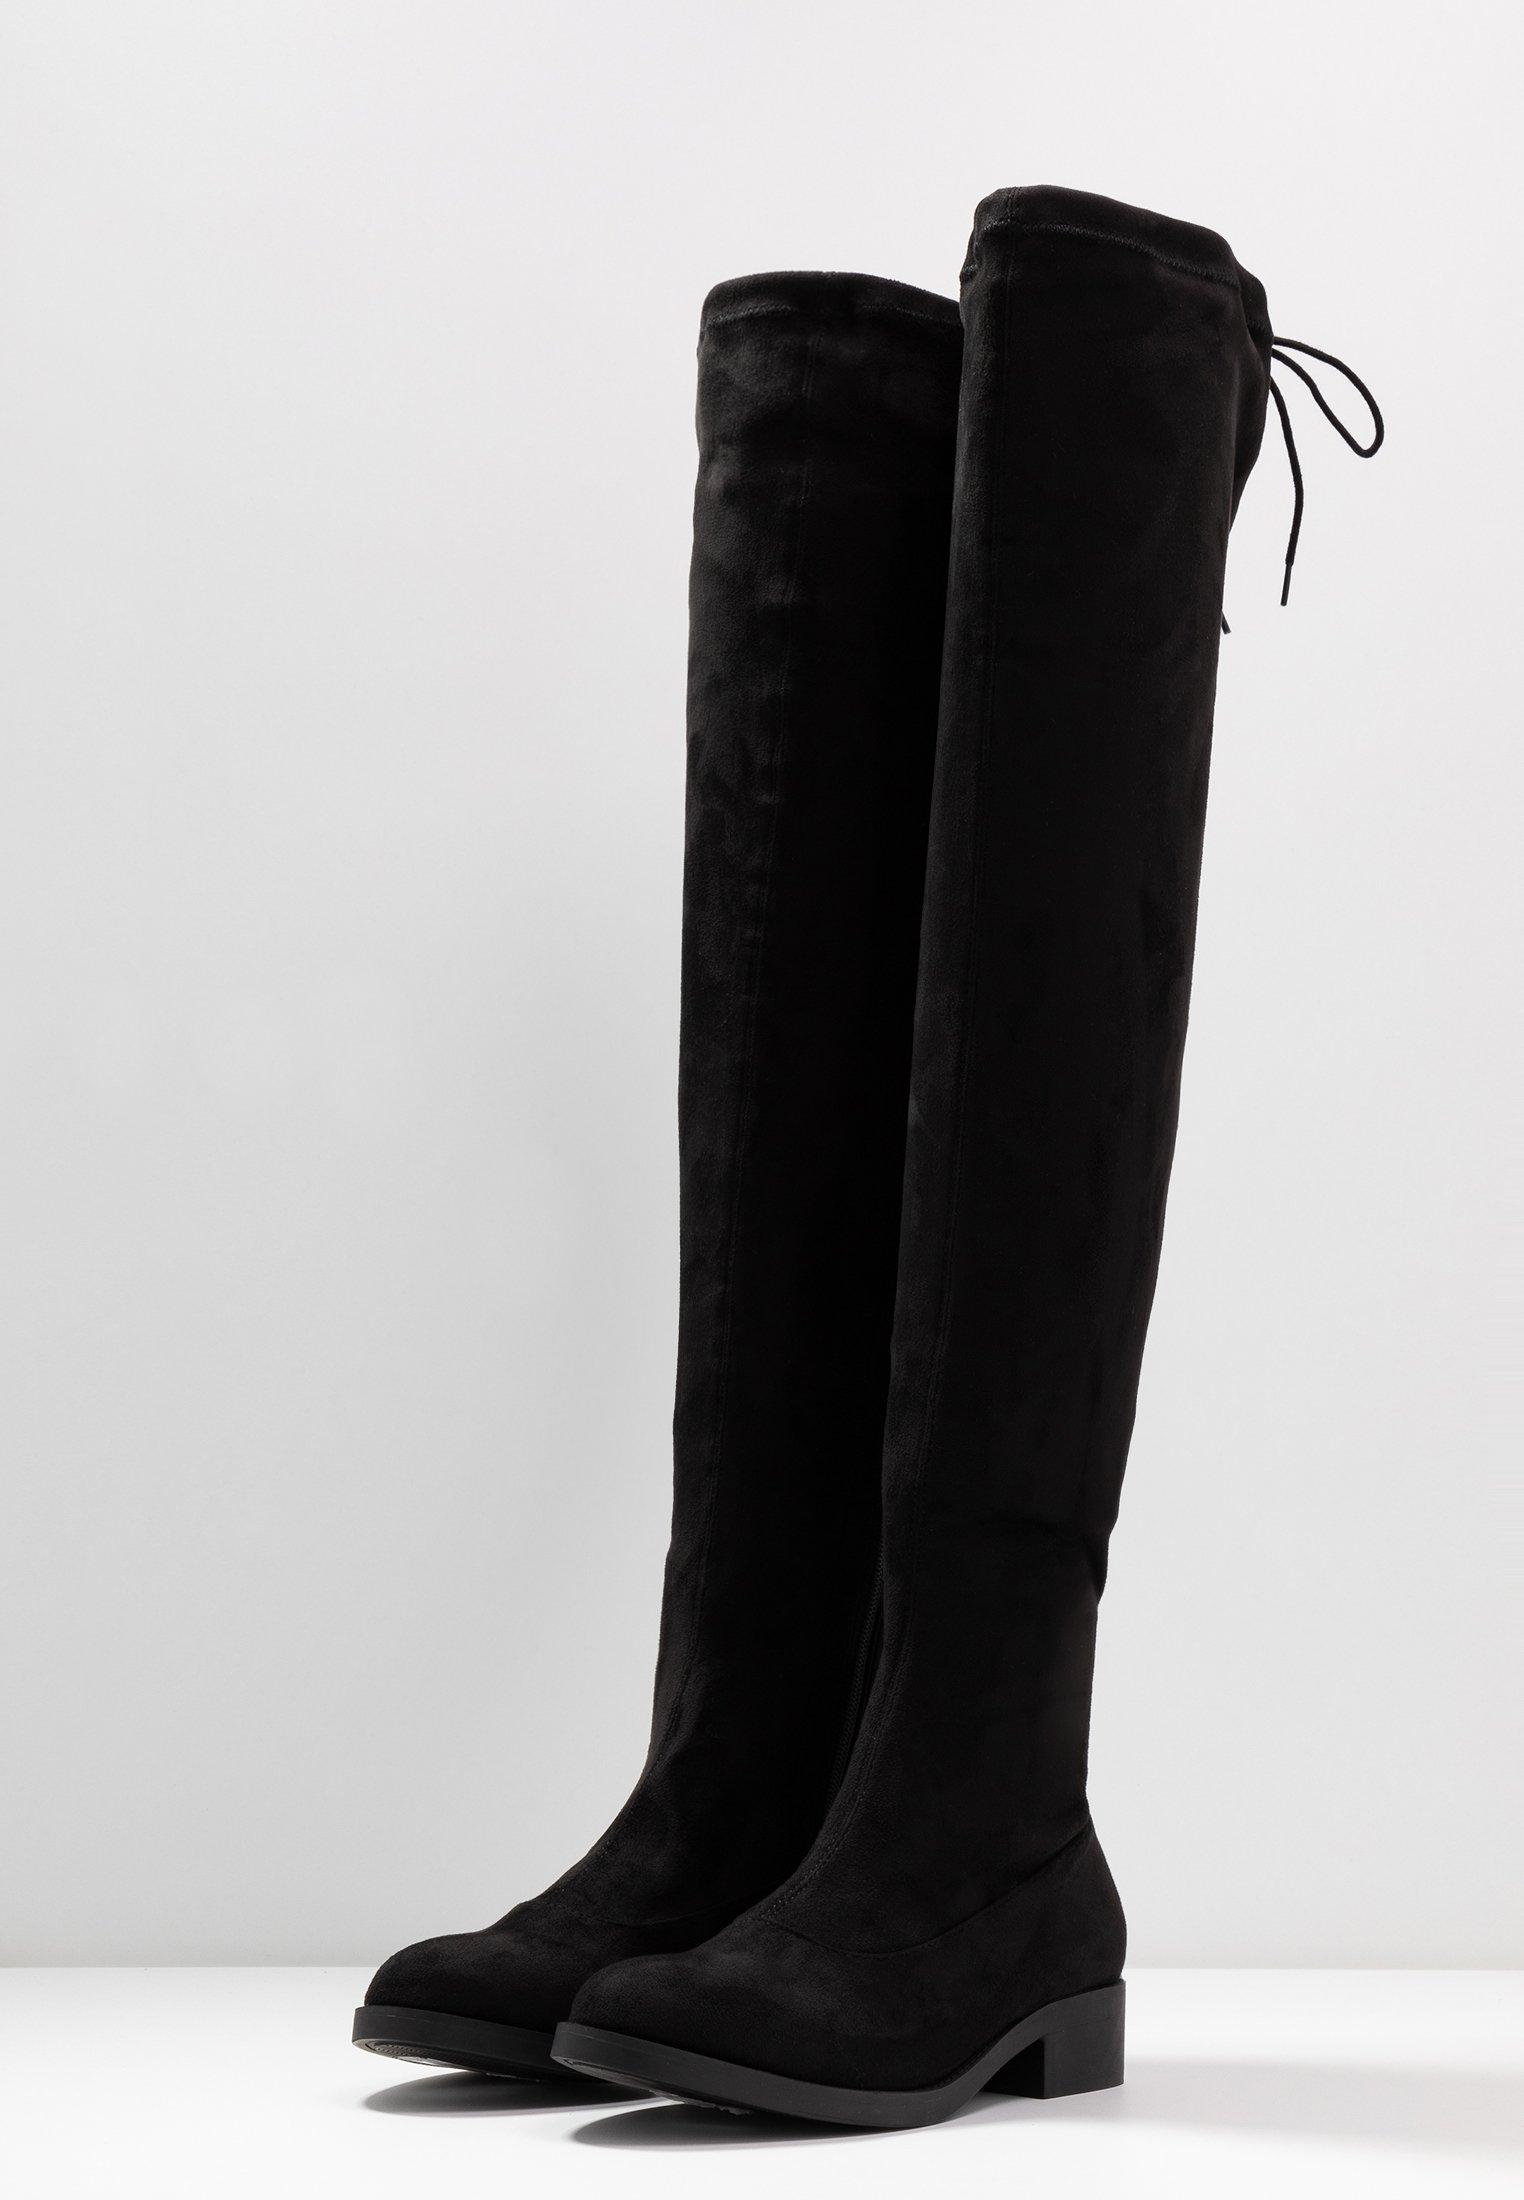 WIDE FIT OLIVIA OVER THE KNEE BOOT Overknee laarzen black